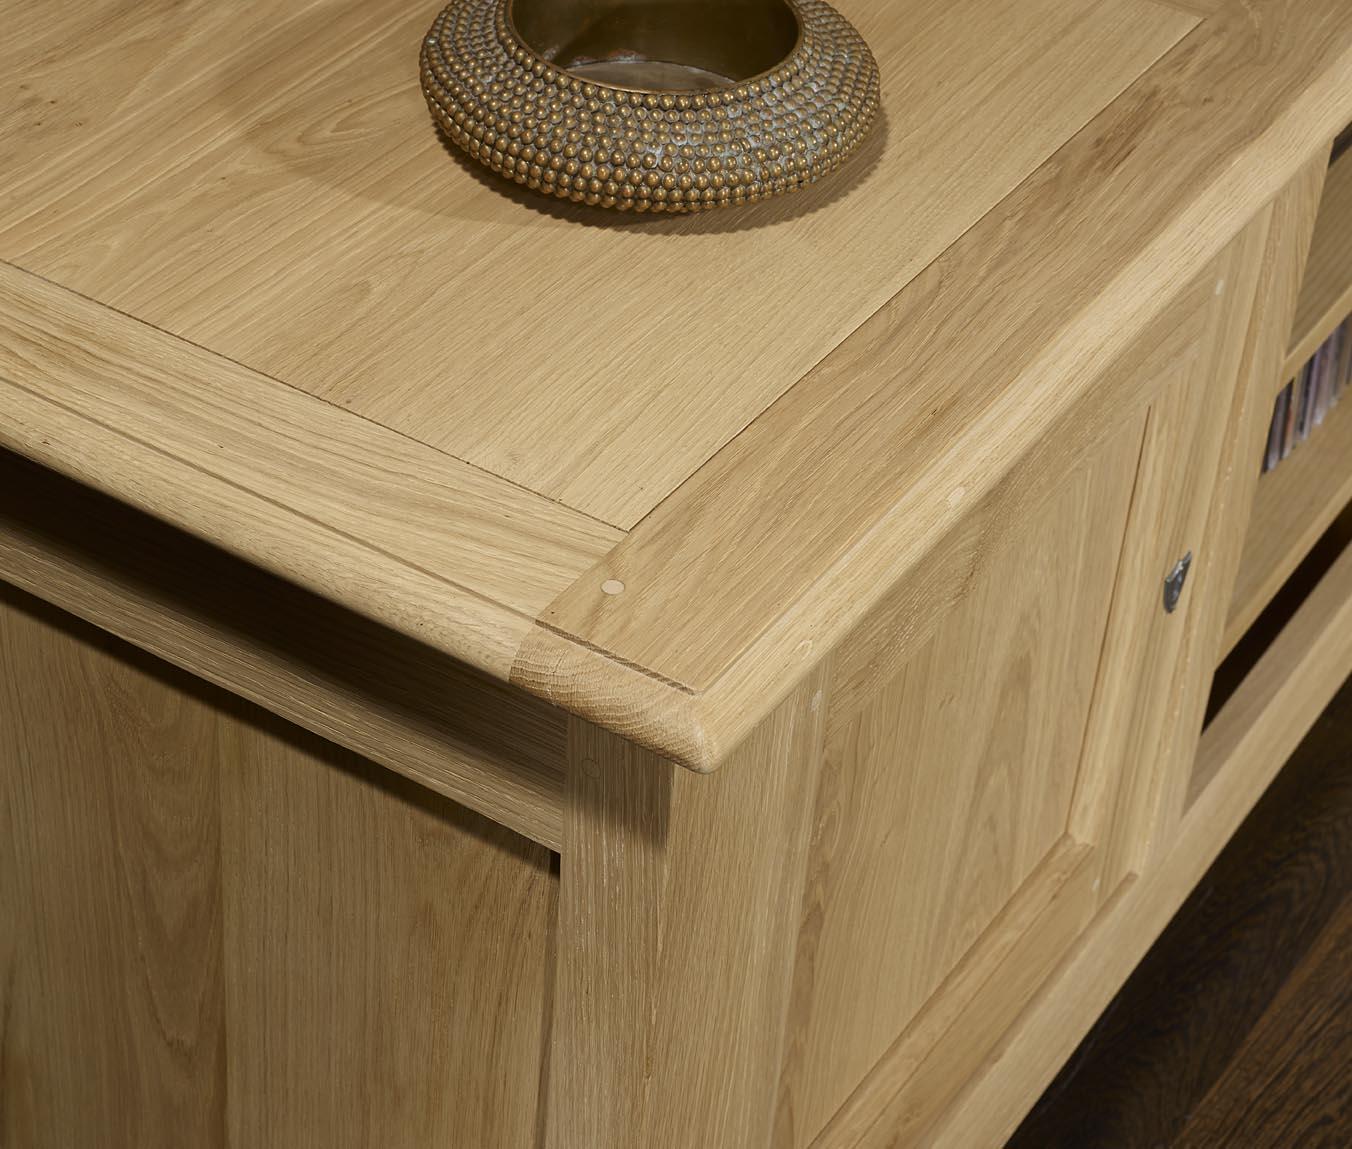 Meuble tv 16 9eme amaury en ch ne massif de style for Finition de meuble en bois